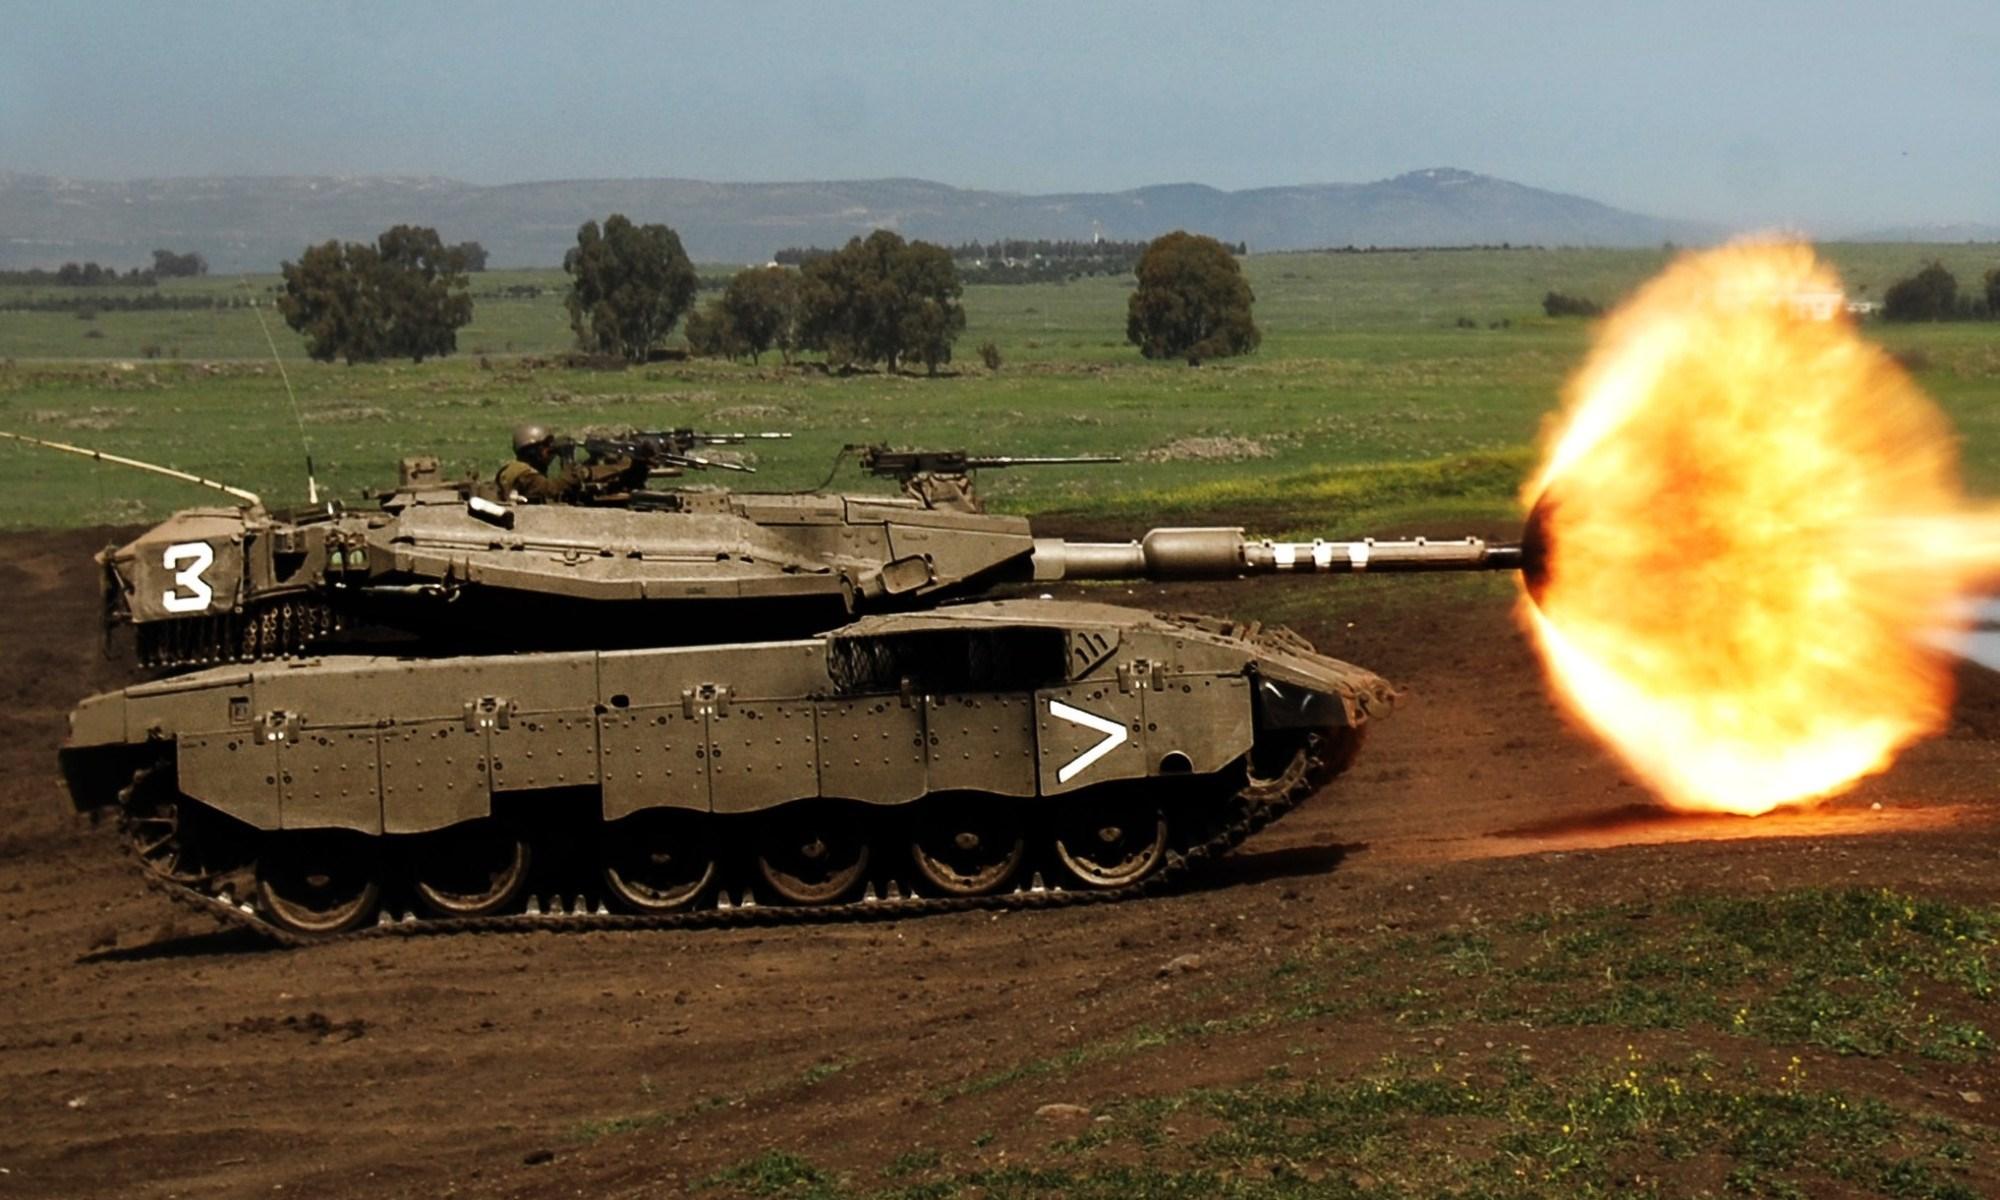 انخفاض مبيعات السلاح الإسرائيلي بسبب وباء كورونا